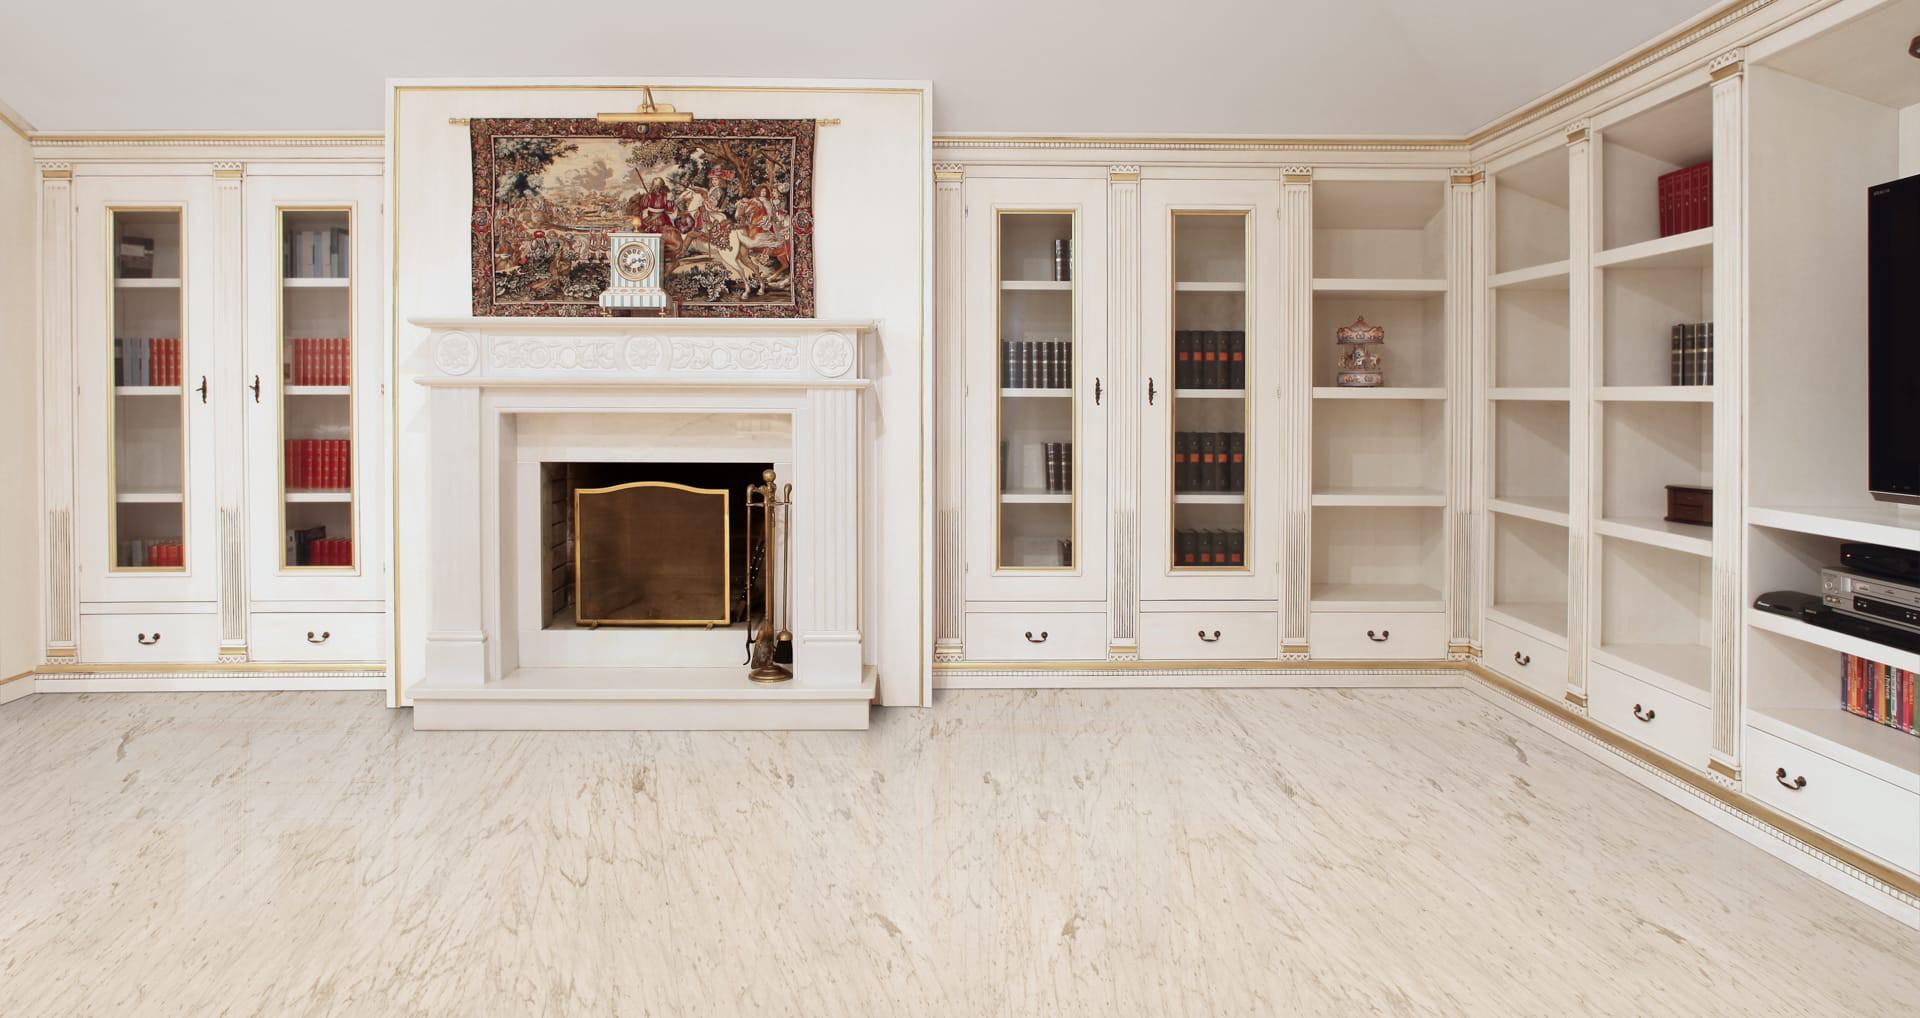 Progetti d'elite - Gallery Left 2